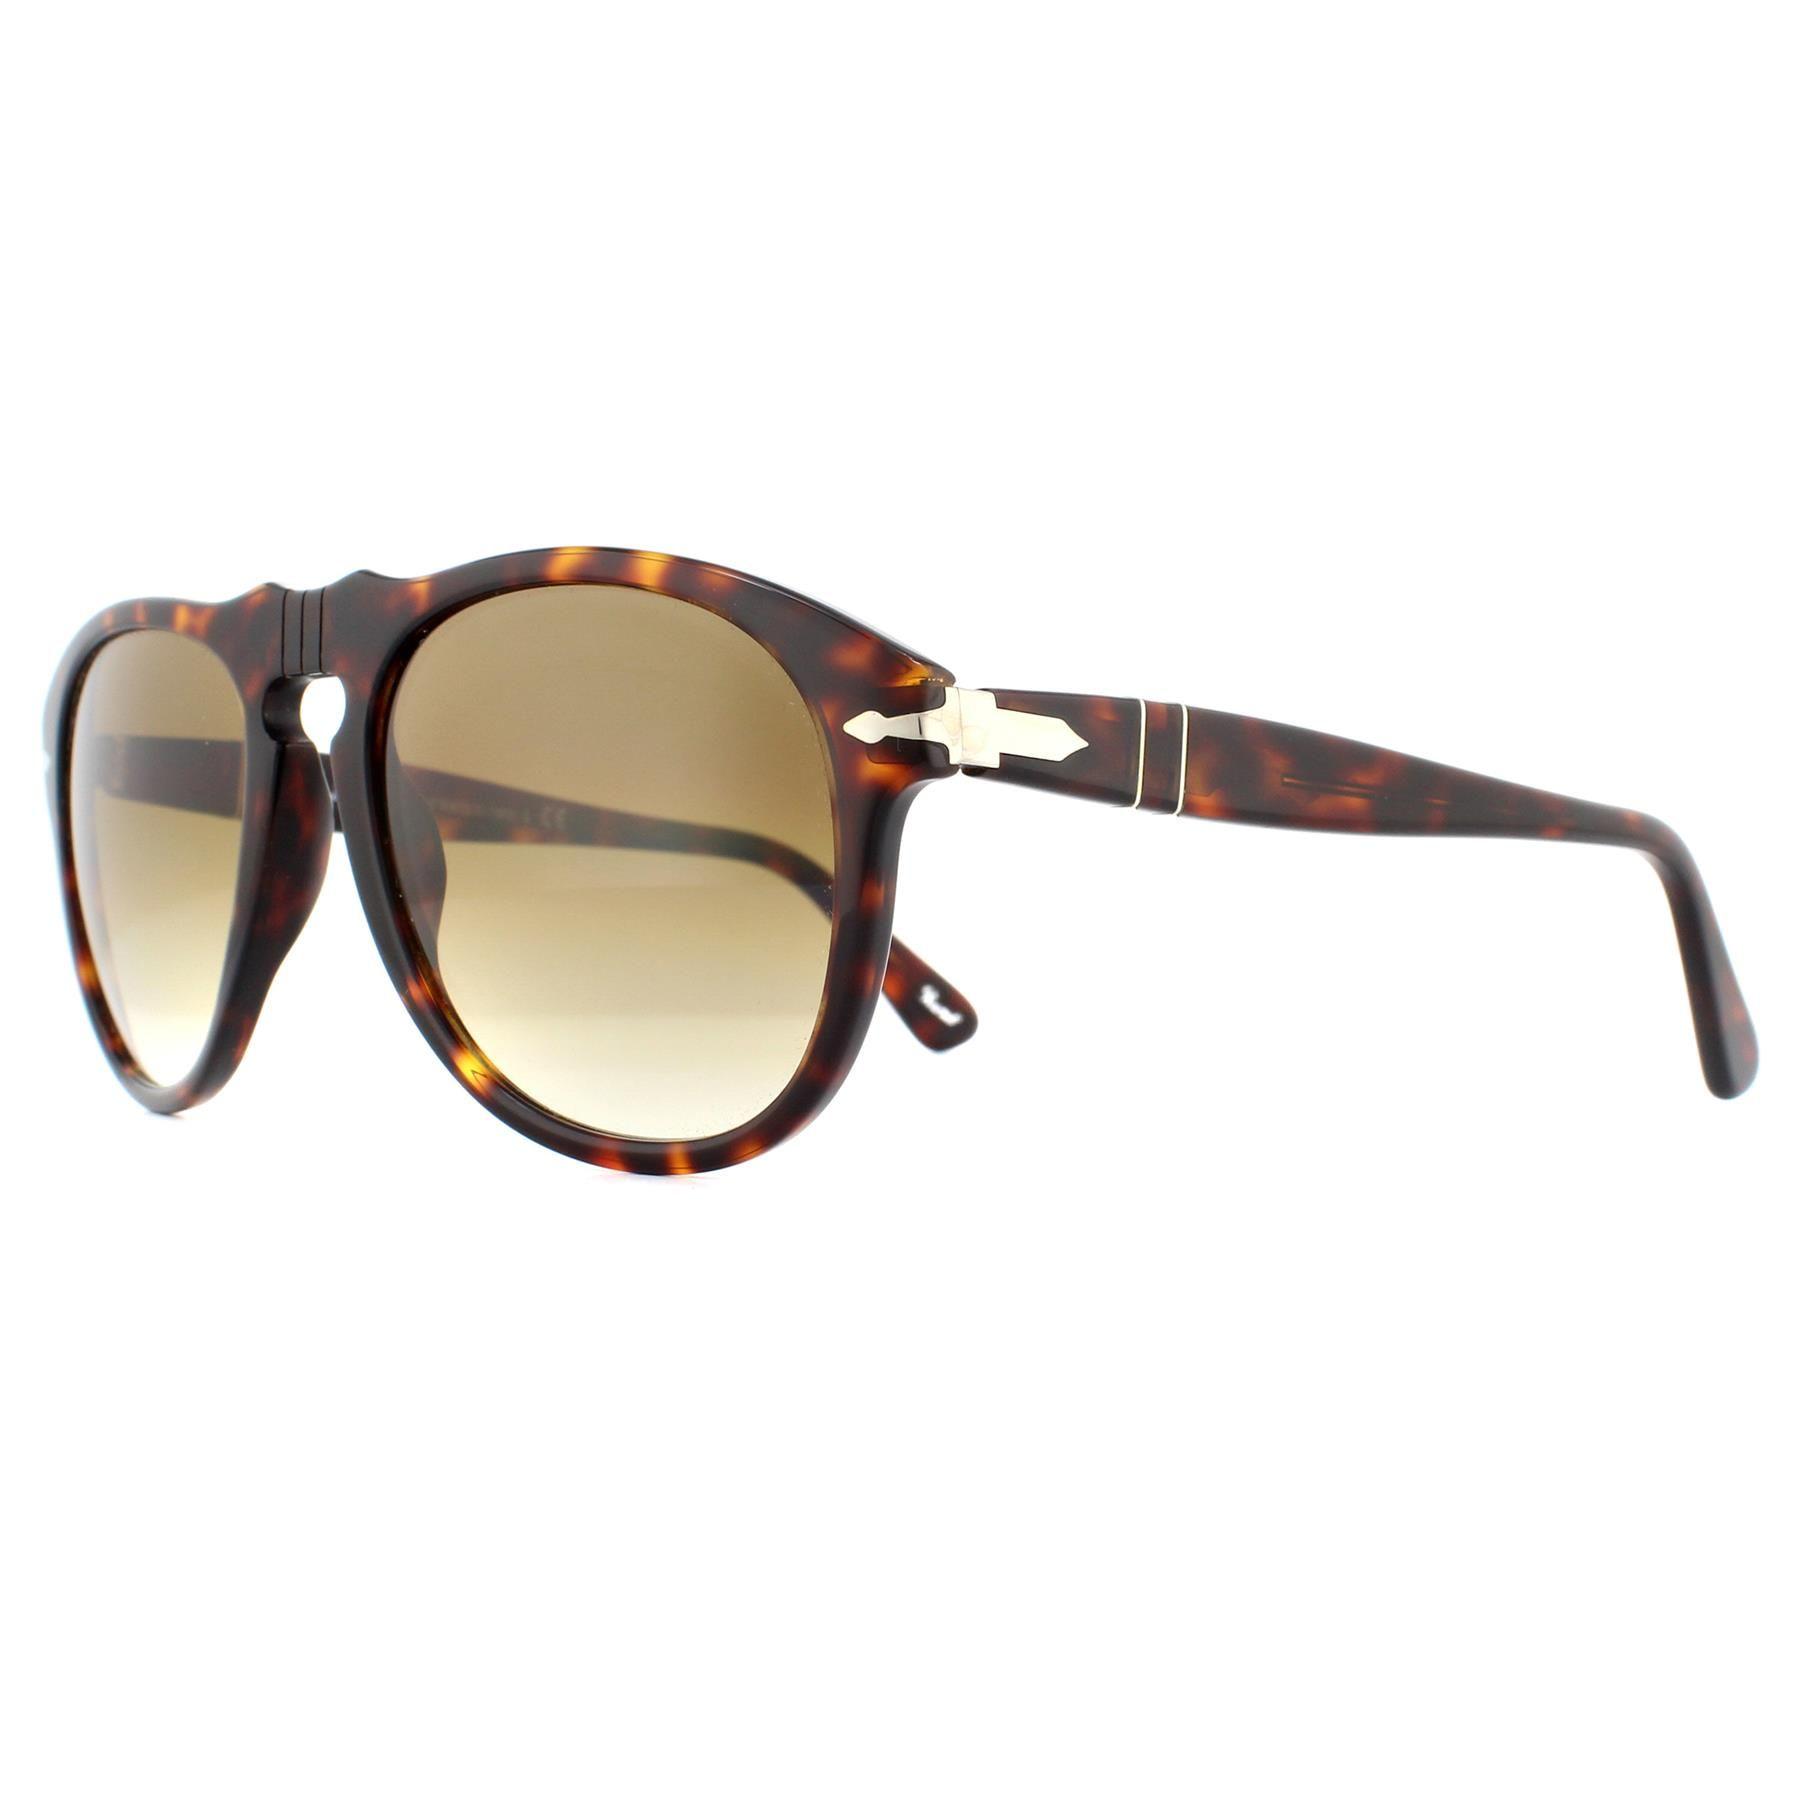 Persol Sunglasses 0649 24/51 Havana Brown Gradient Steve McQueen 52mm